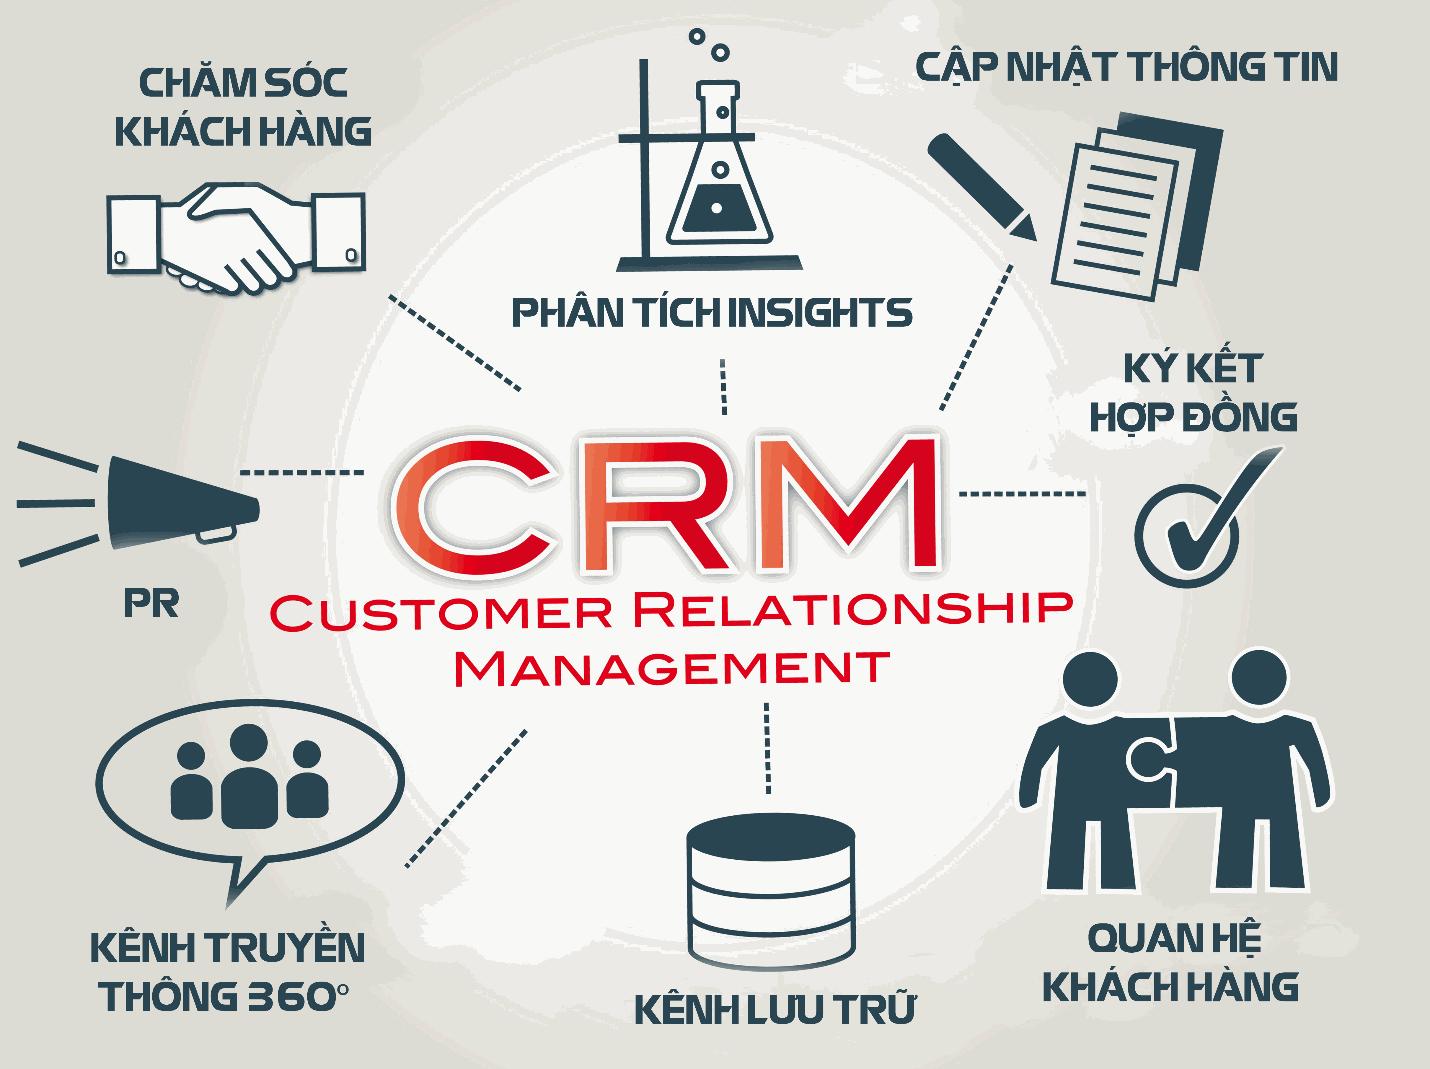 Hệ thống quản lý quan hệ khách hàng - xu hướng tất yếu trong kinh doanh thời kỳ số